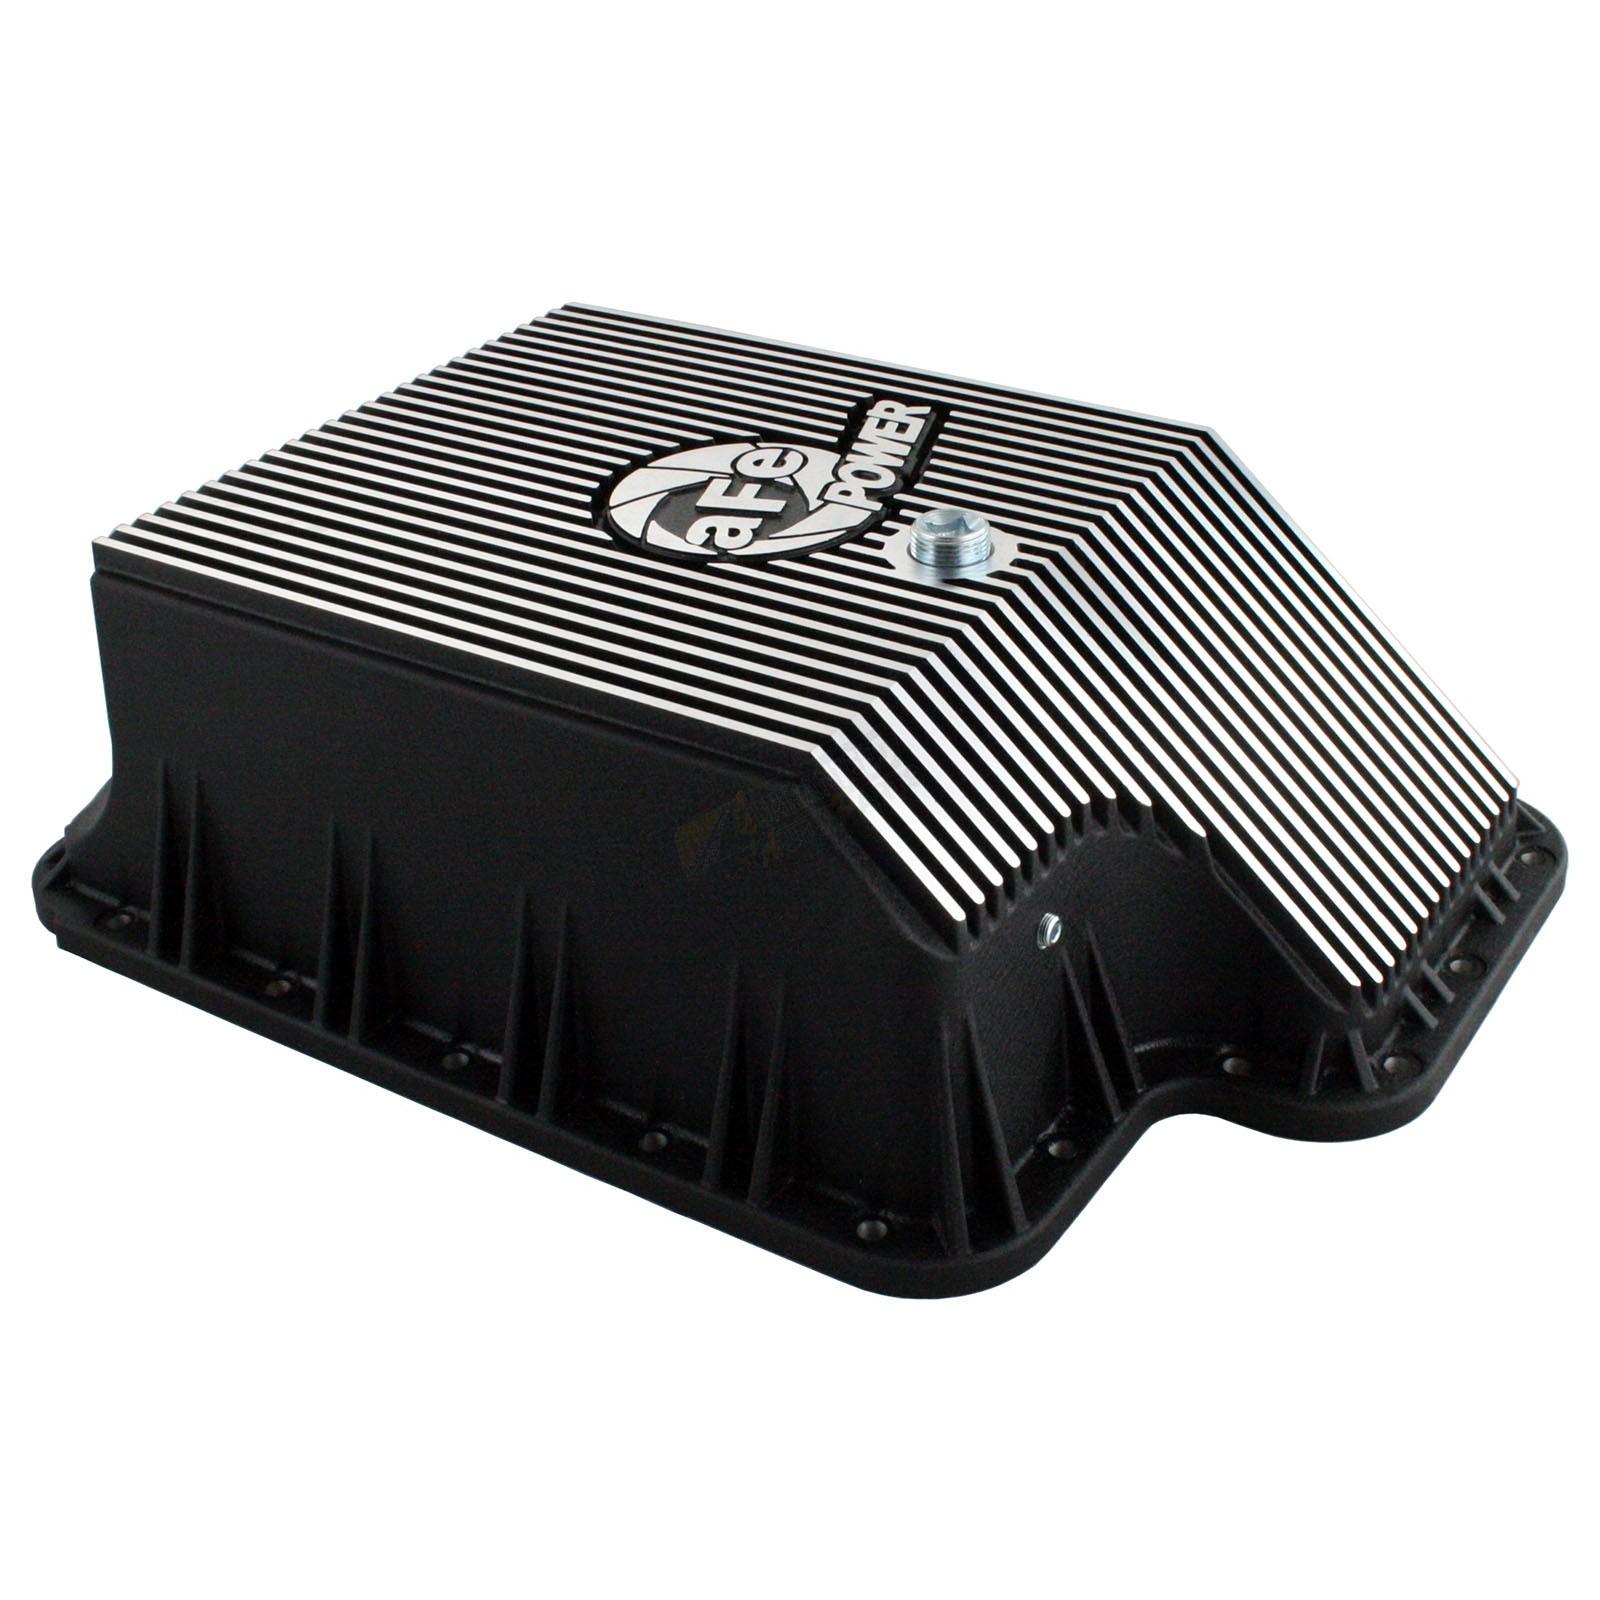 aFe Power 46-70122-1 Transmission Pan Machined